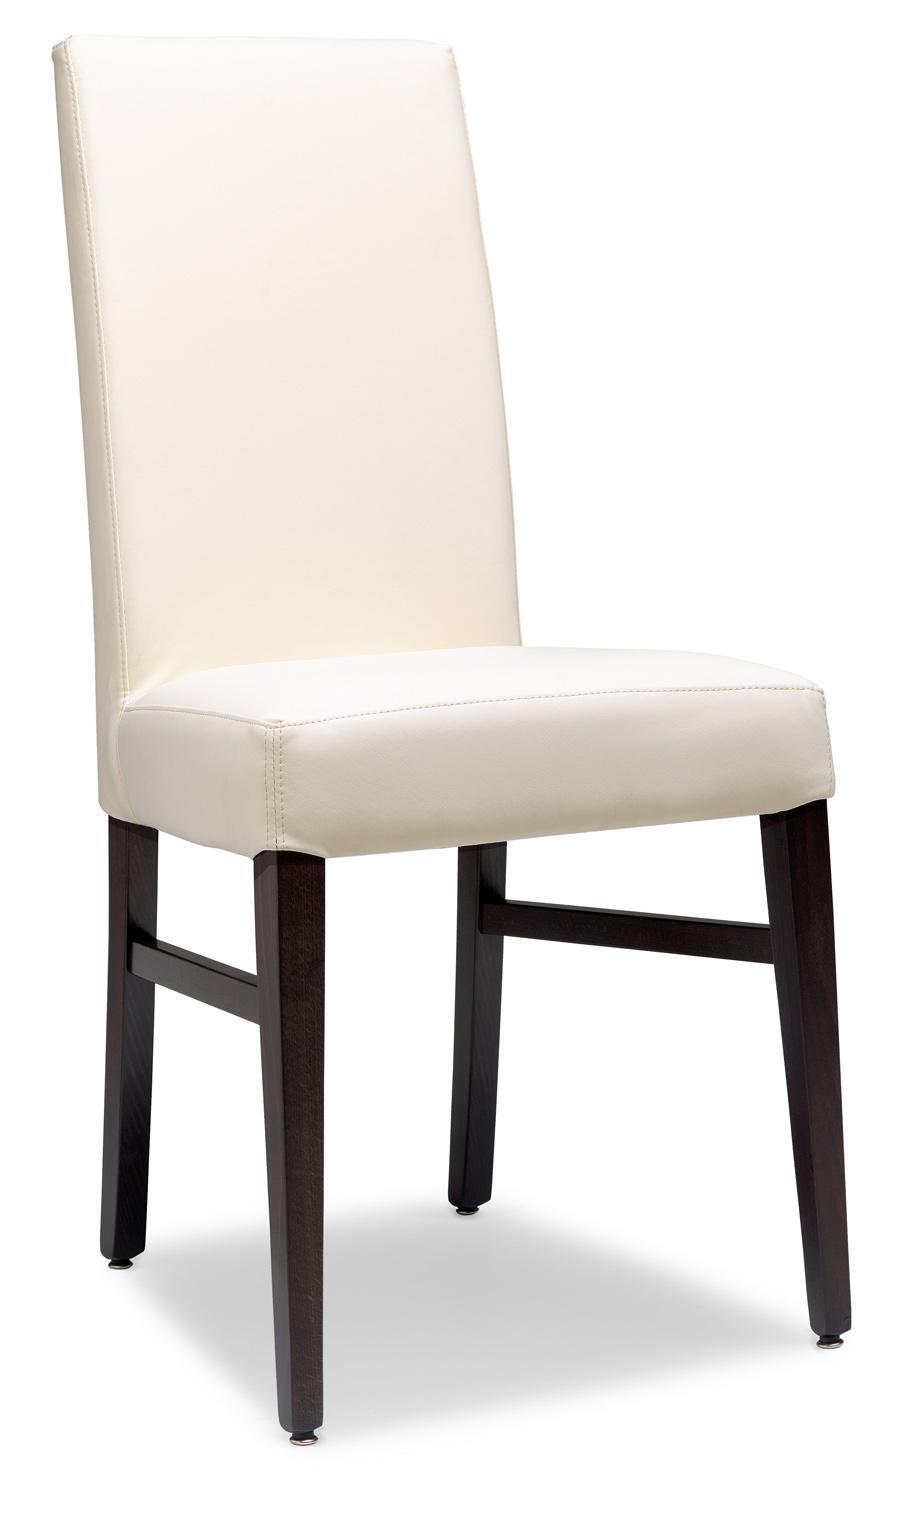 Sedie da ristoranti design 4 0 10000 0 pezzi for Sedie decorate da artisti